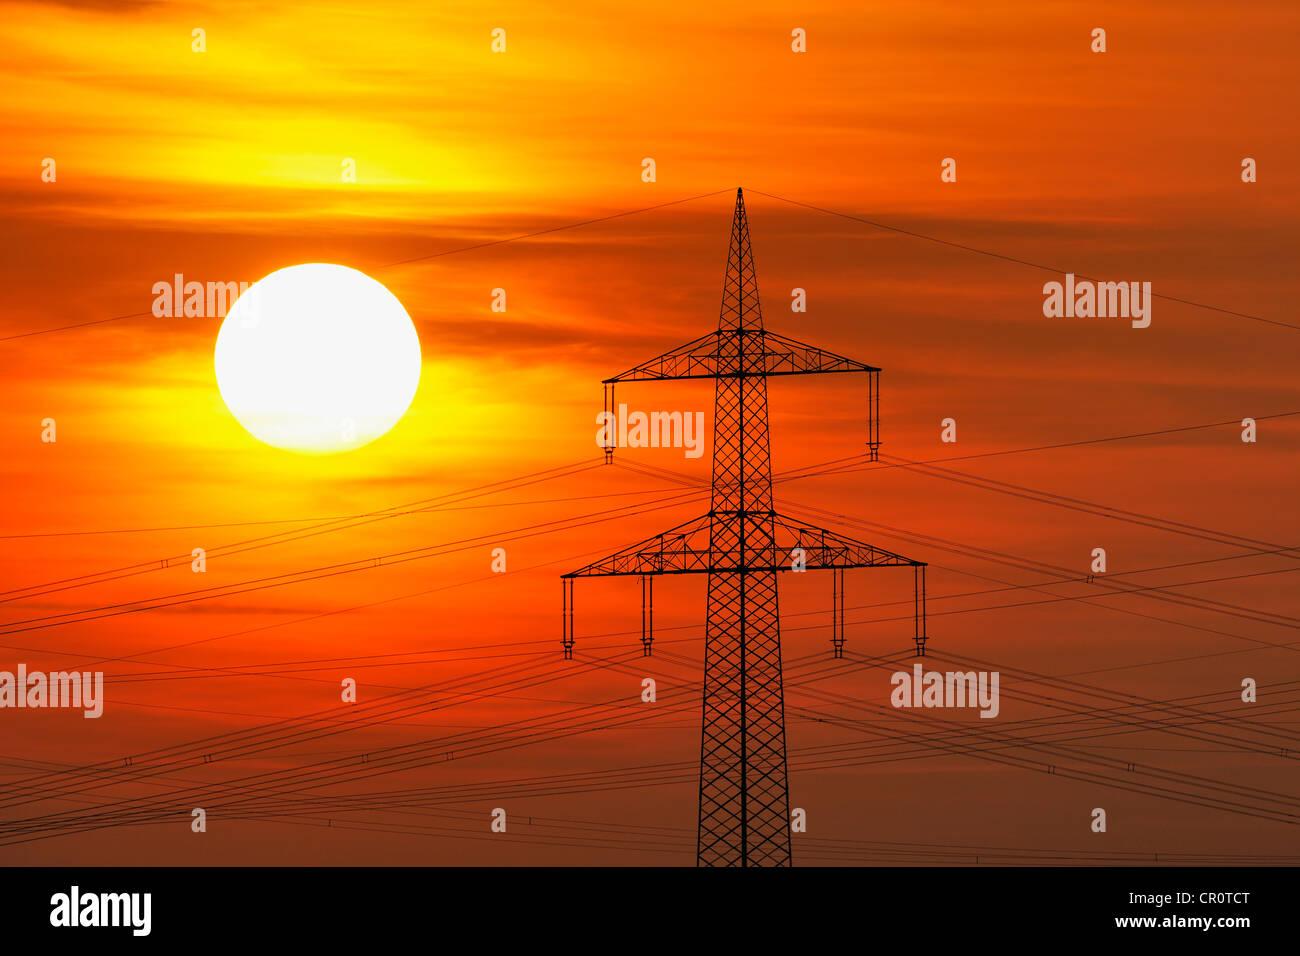 Les lignes de transport d'énergie électrique, l'électricité, pylône avec le soleil Photo Stock